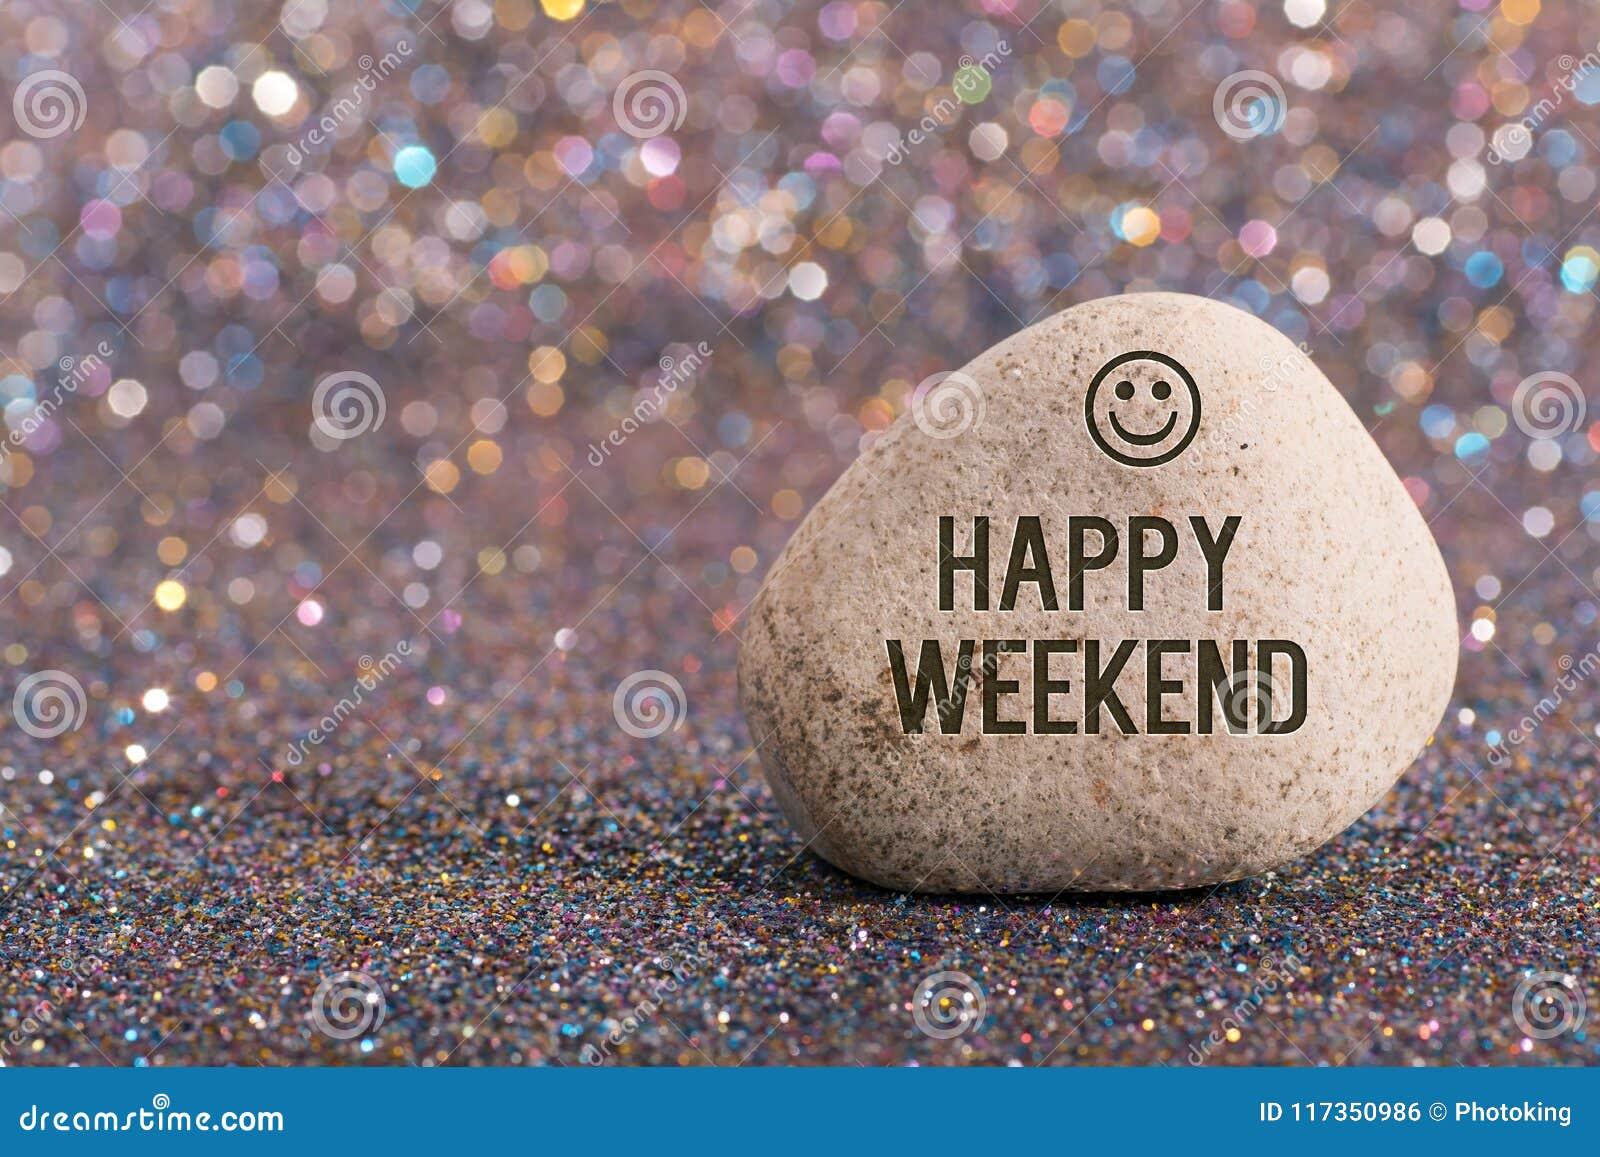 Weekend www happy Happy Saturday